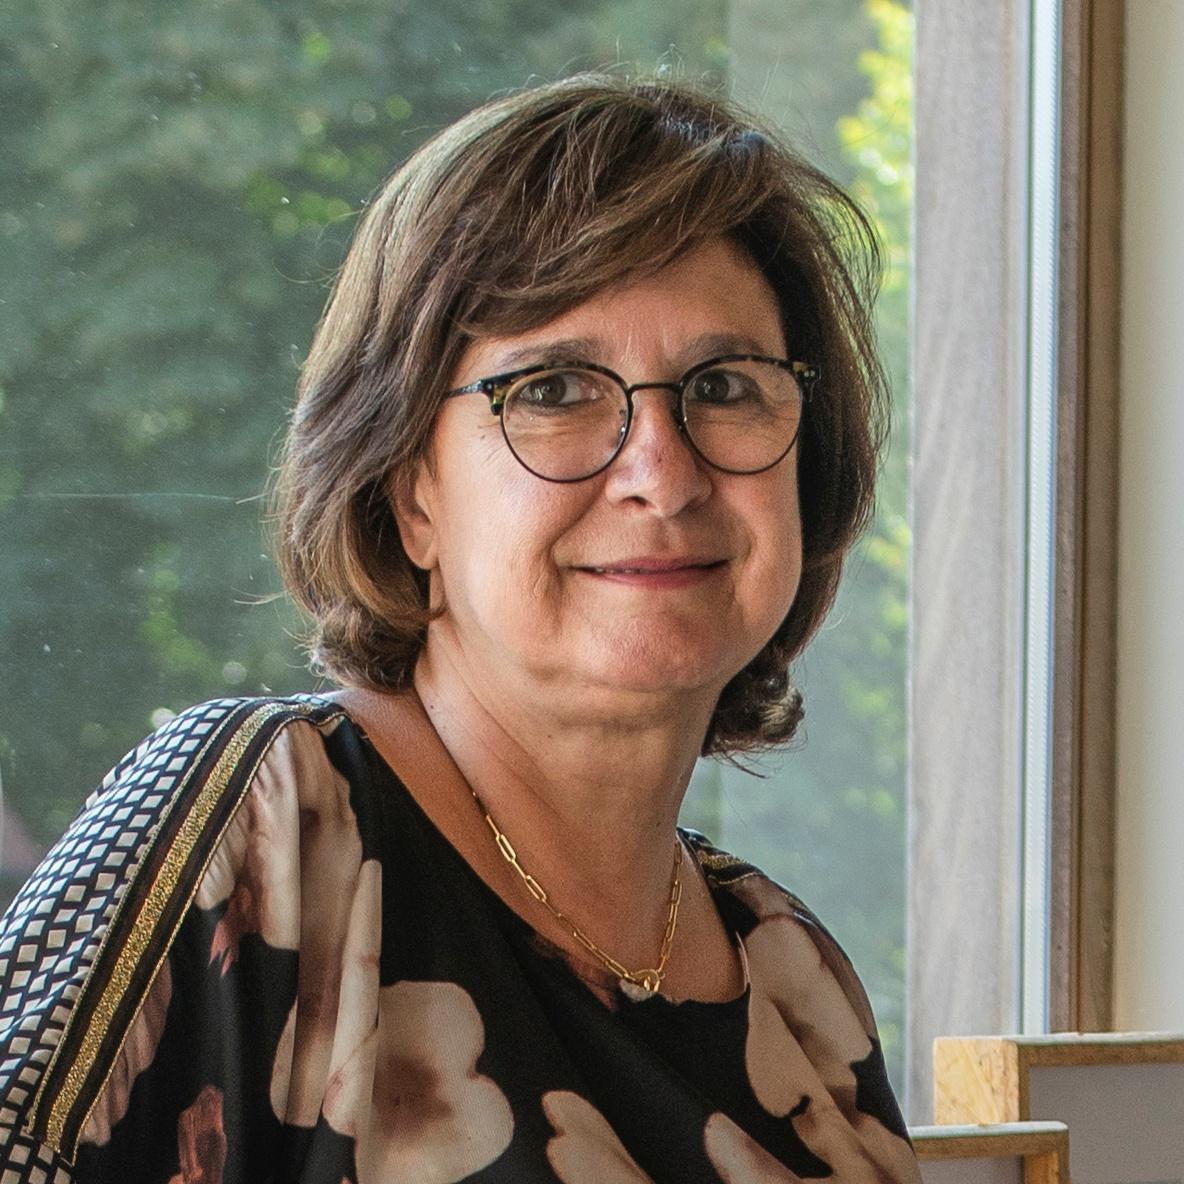 Anne-Mie Vansteelant